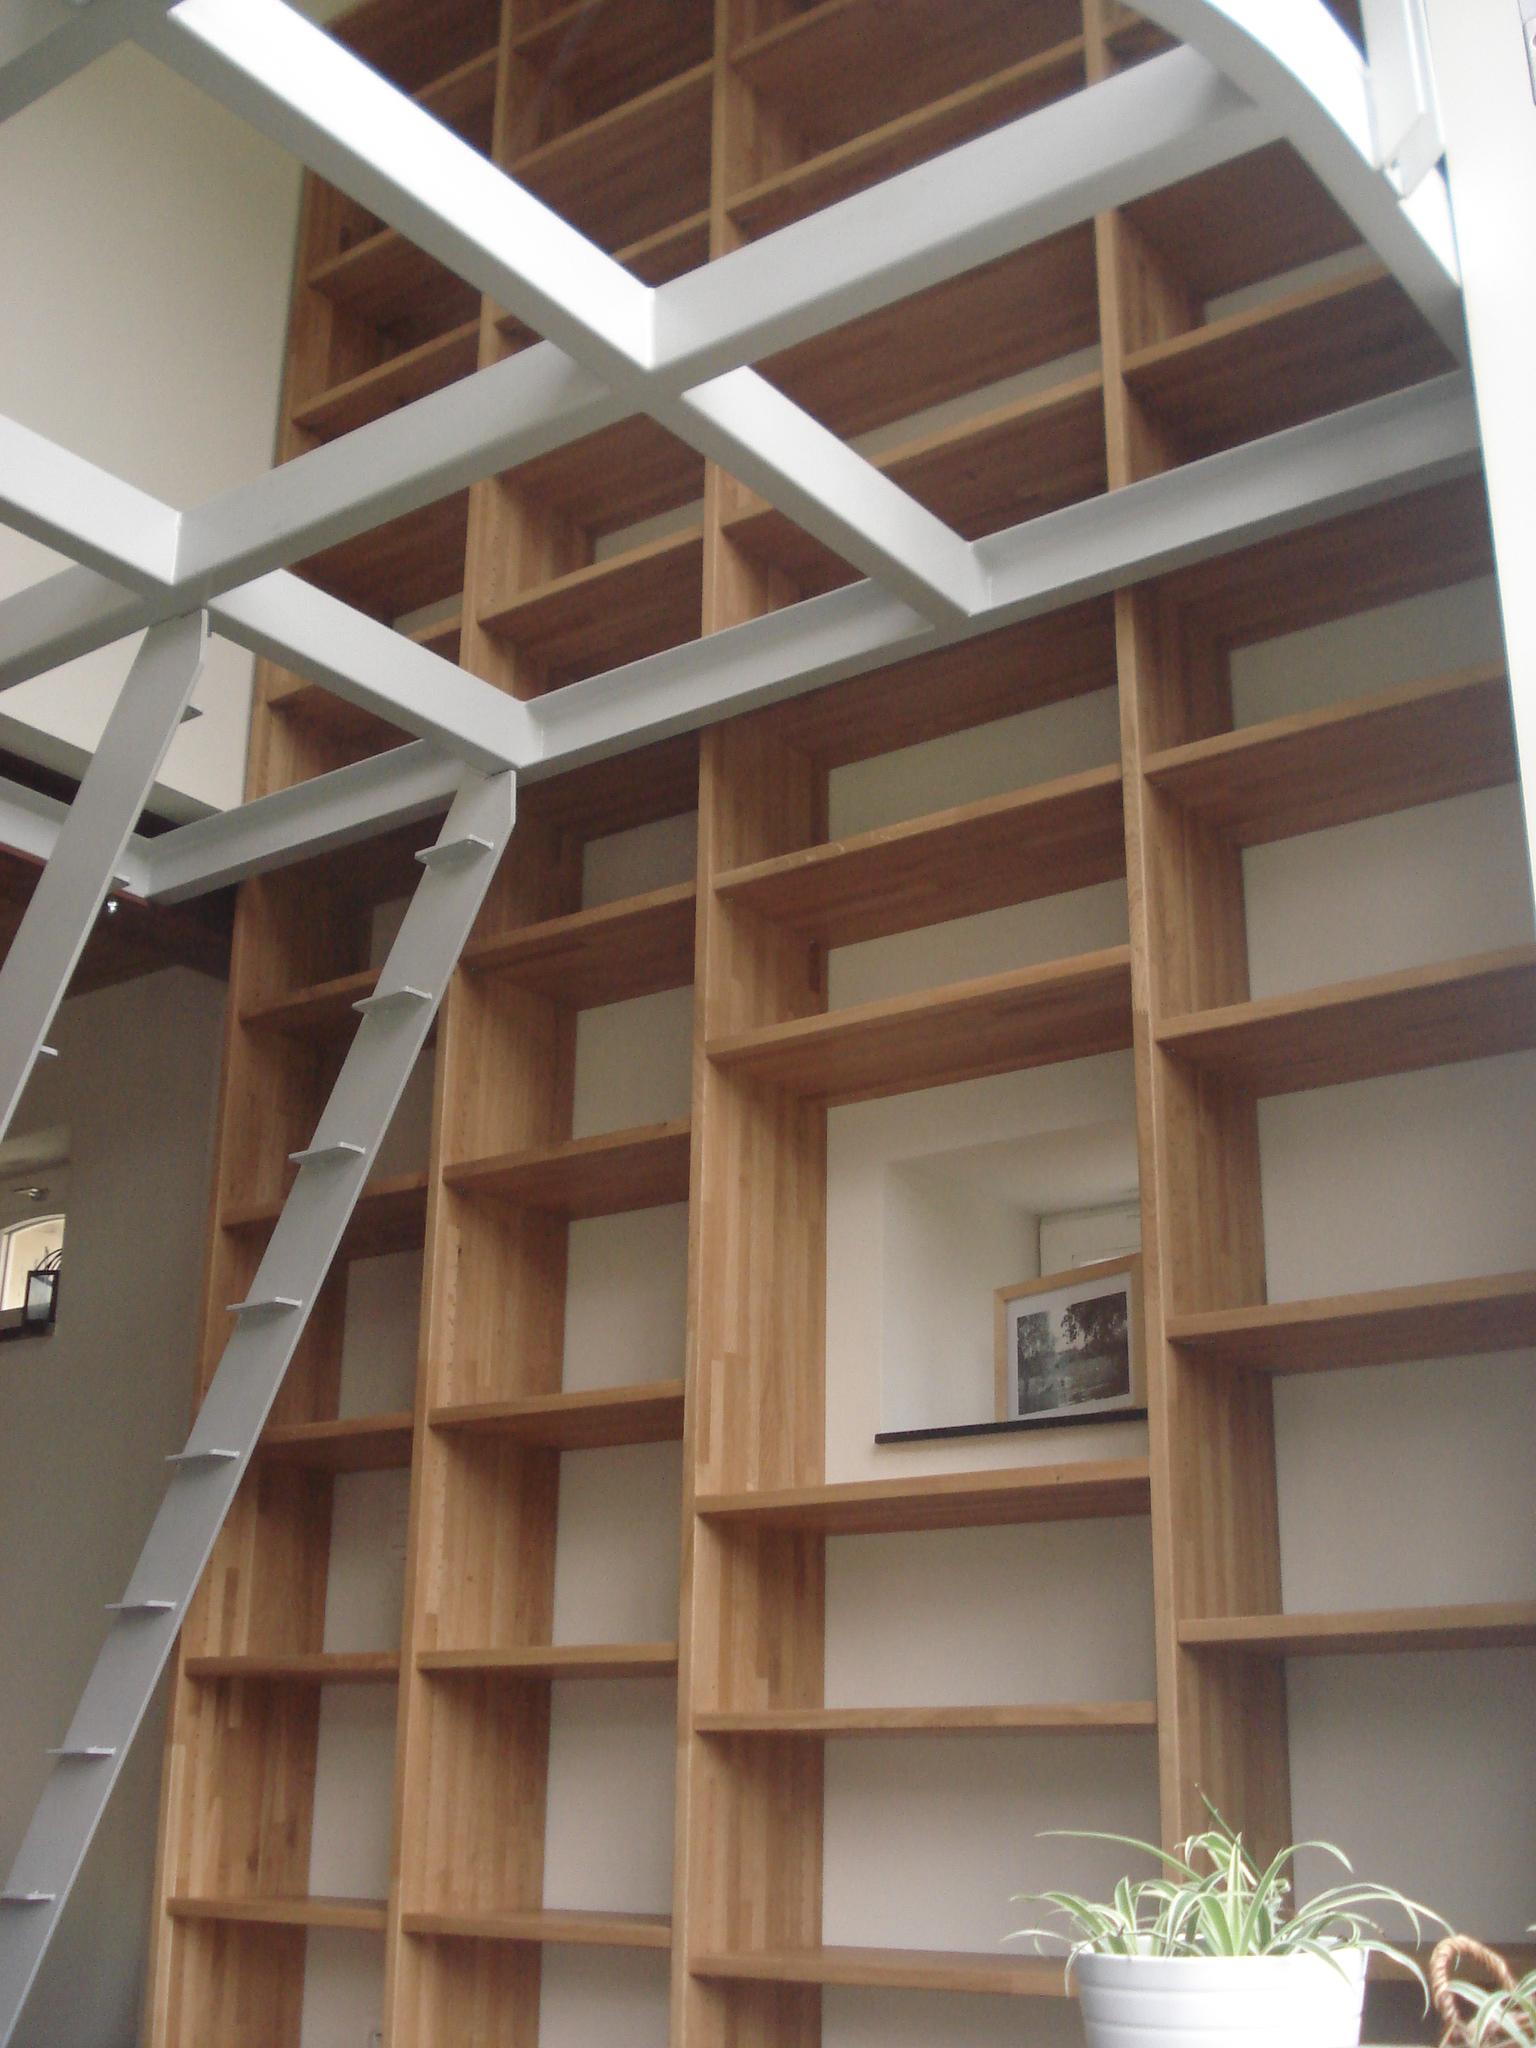 yannick de lauw menuisier eb niste blog archive biblioth que en ch ne. Black Bedroom Furniture Sets. Home Design Ideas